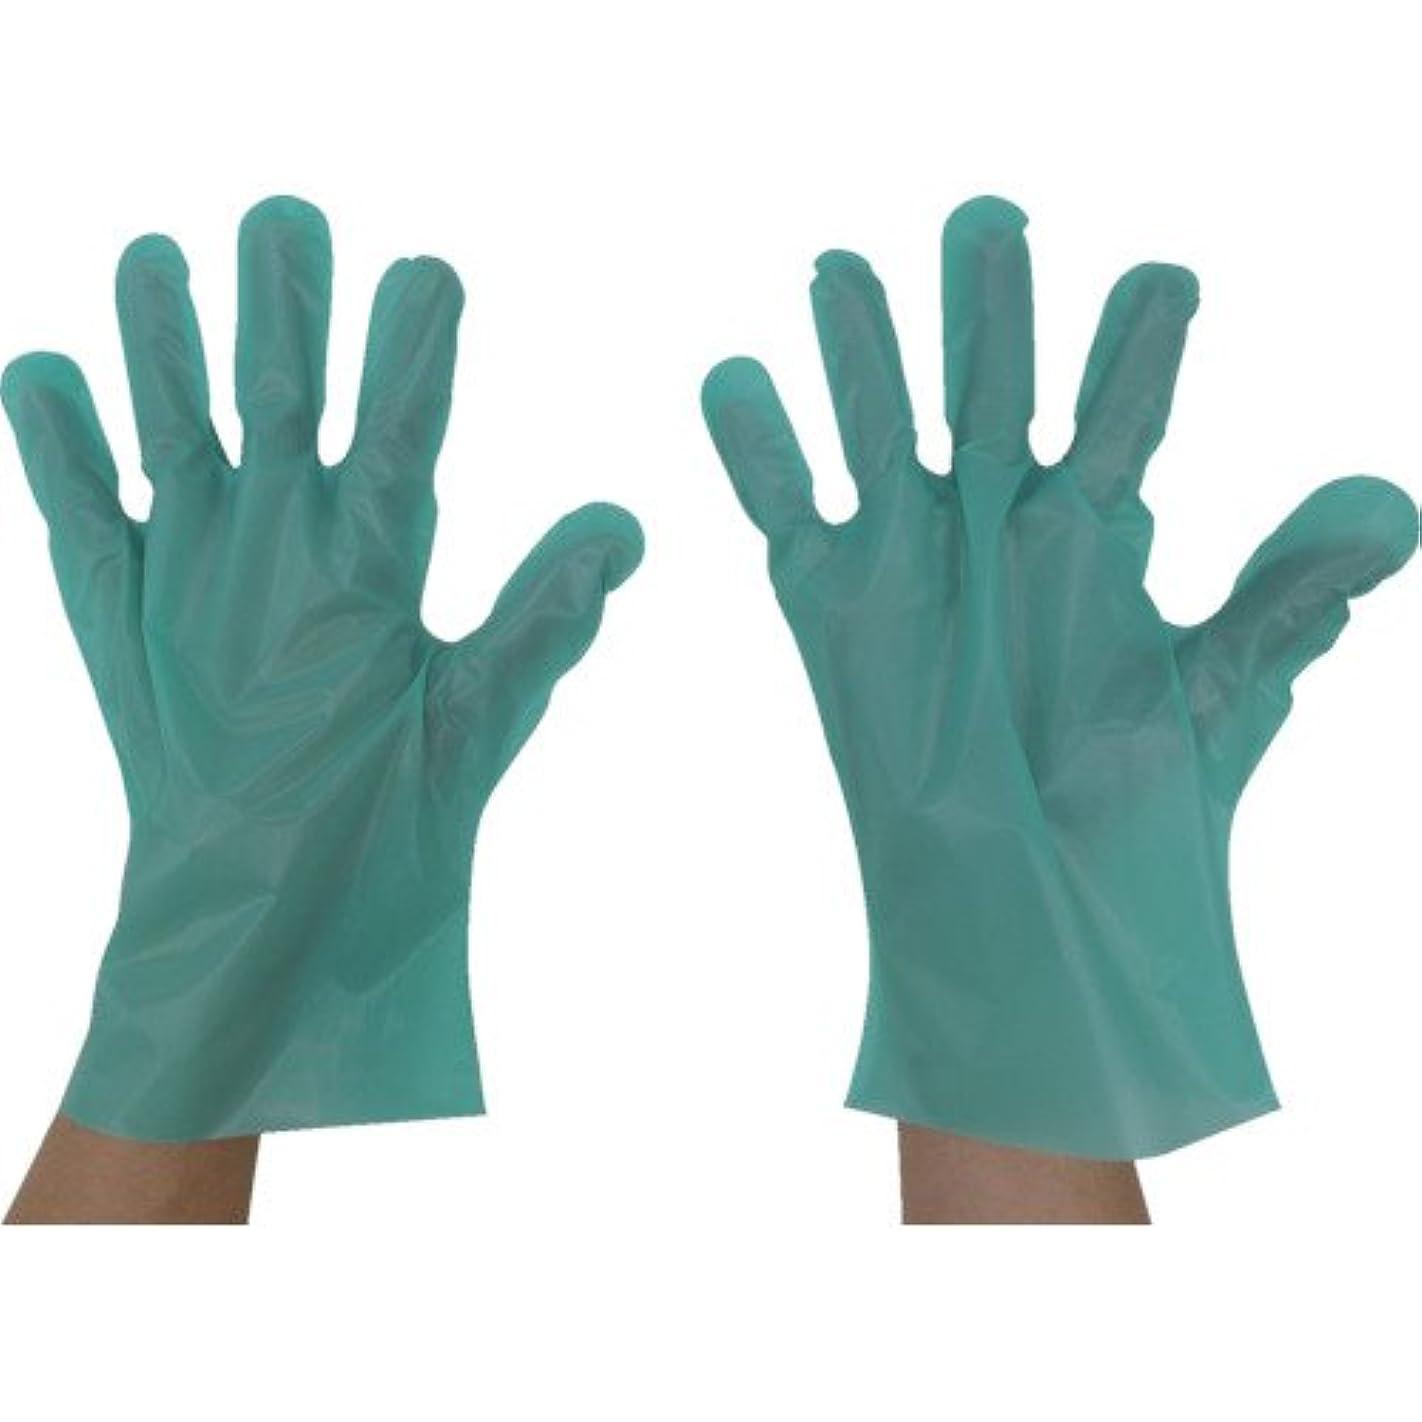 本どのくらいの頻度でラフト東京パック エンボス手袋五本絞りエコノミー化粧箱S グリーン GEK-S